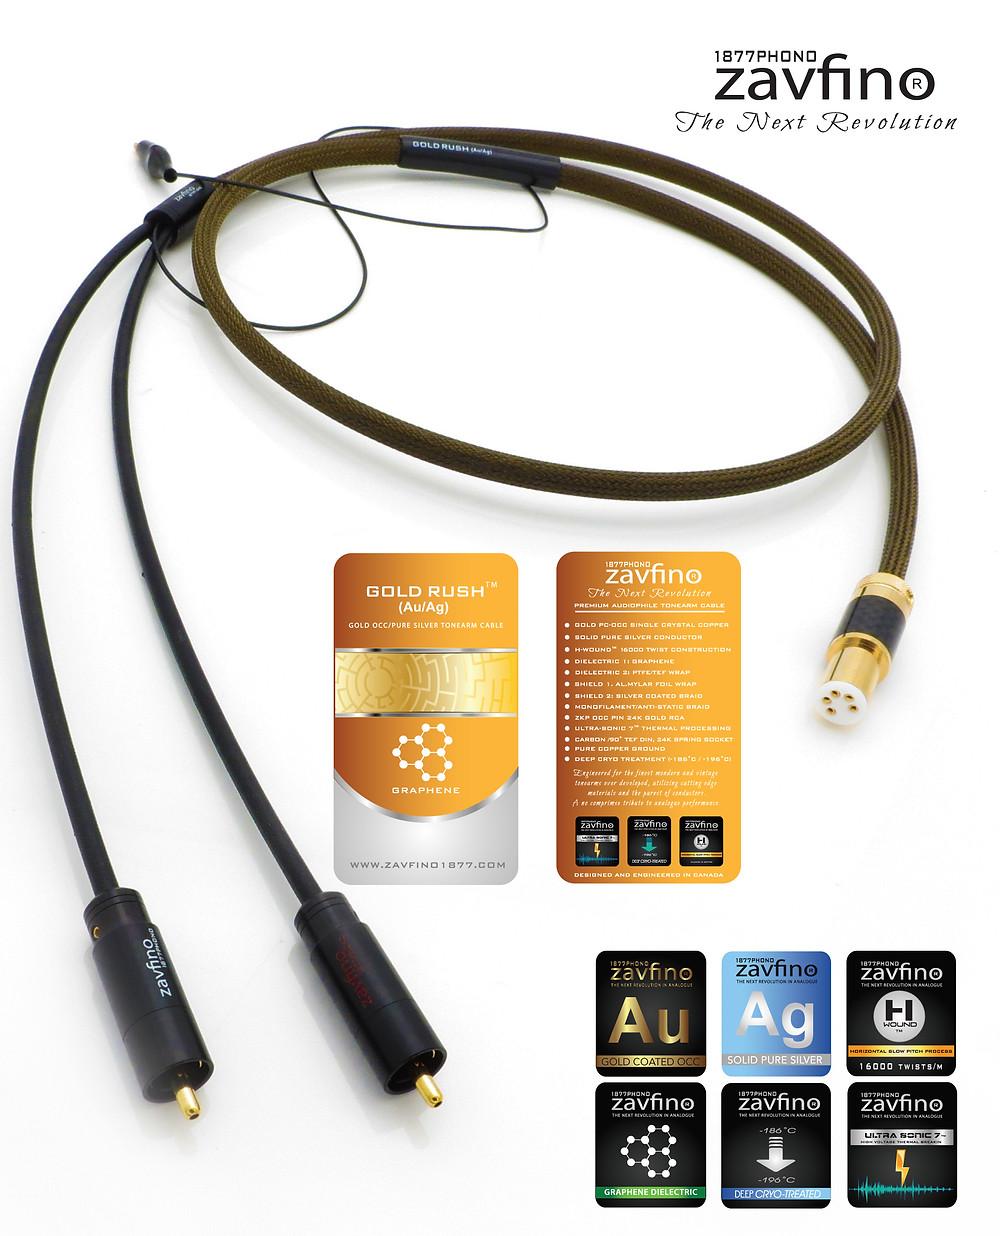 Zavfino Gold Rush - кабель для тонарма, проводники из монокристаллической меди и серебра, криогенная обработка проводников, изолятор - графен.